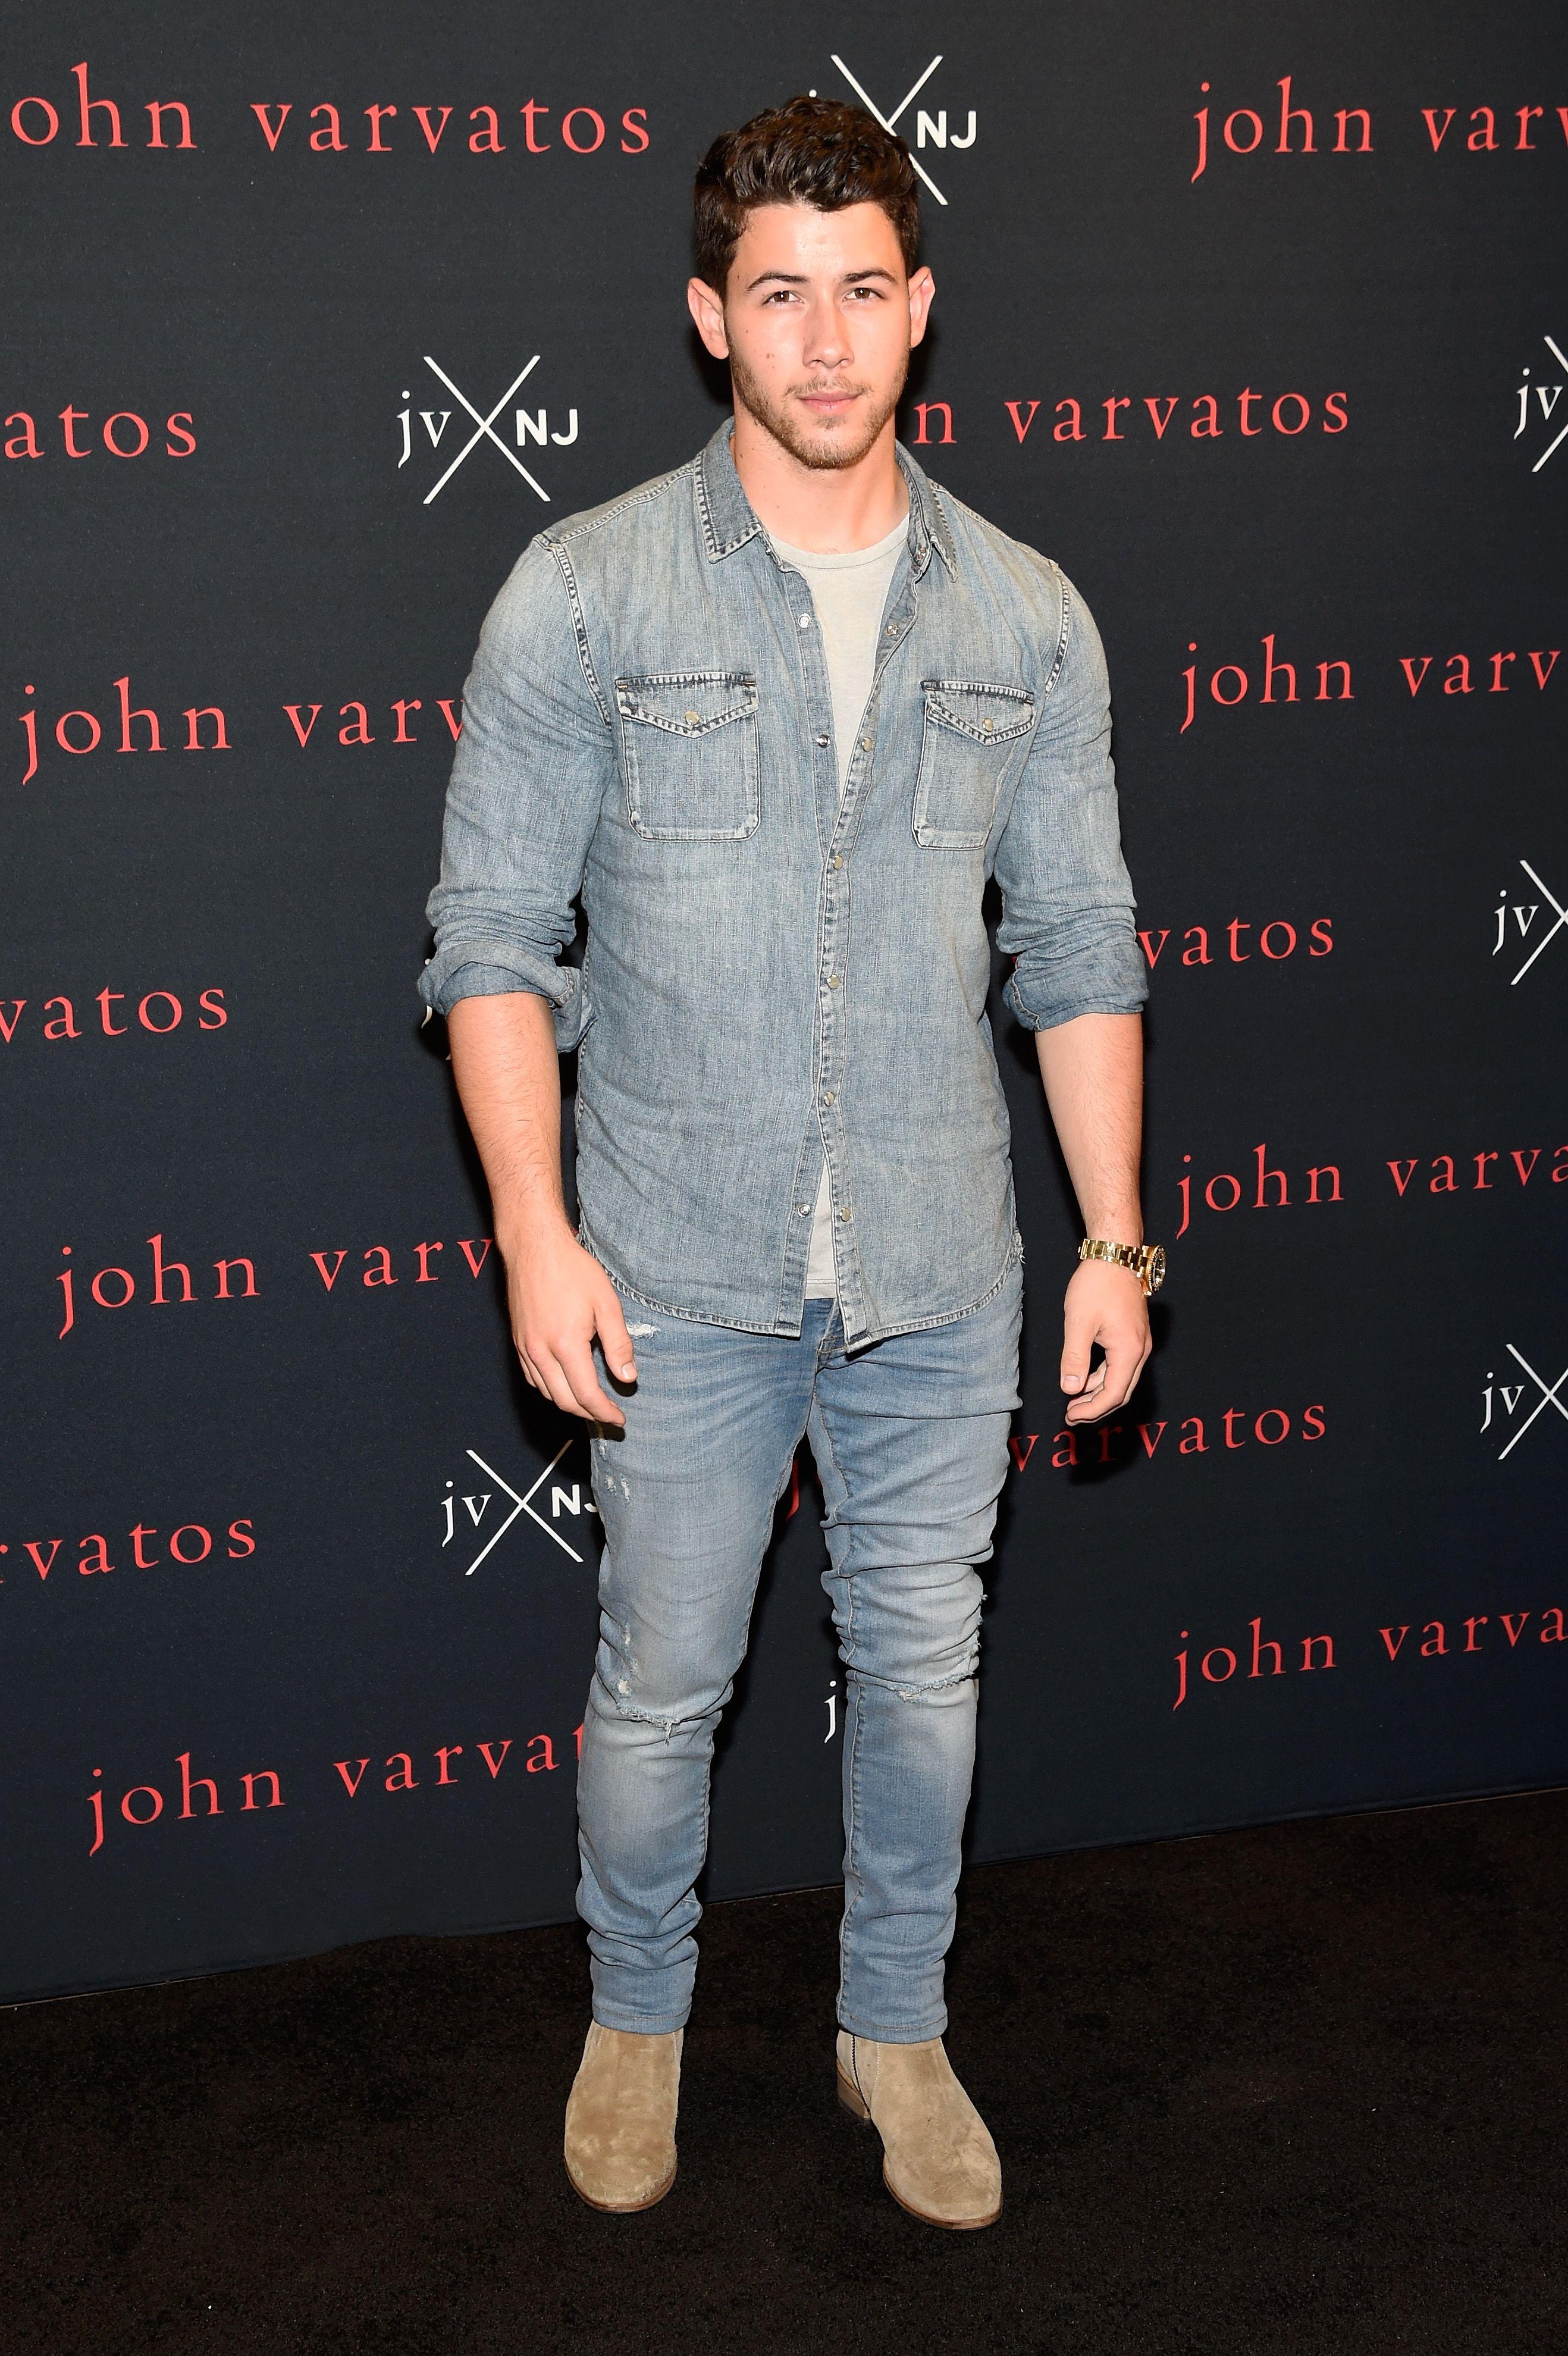 Image Nick Jonas